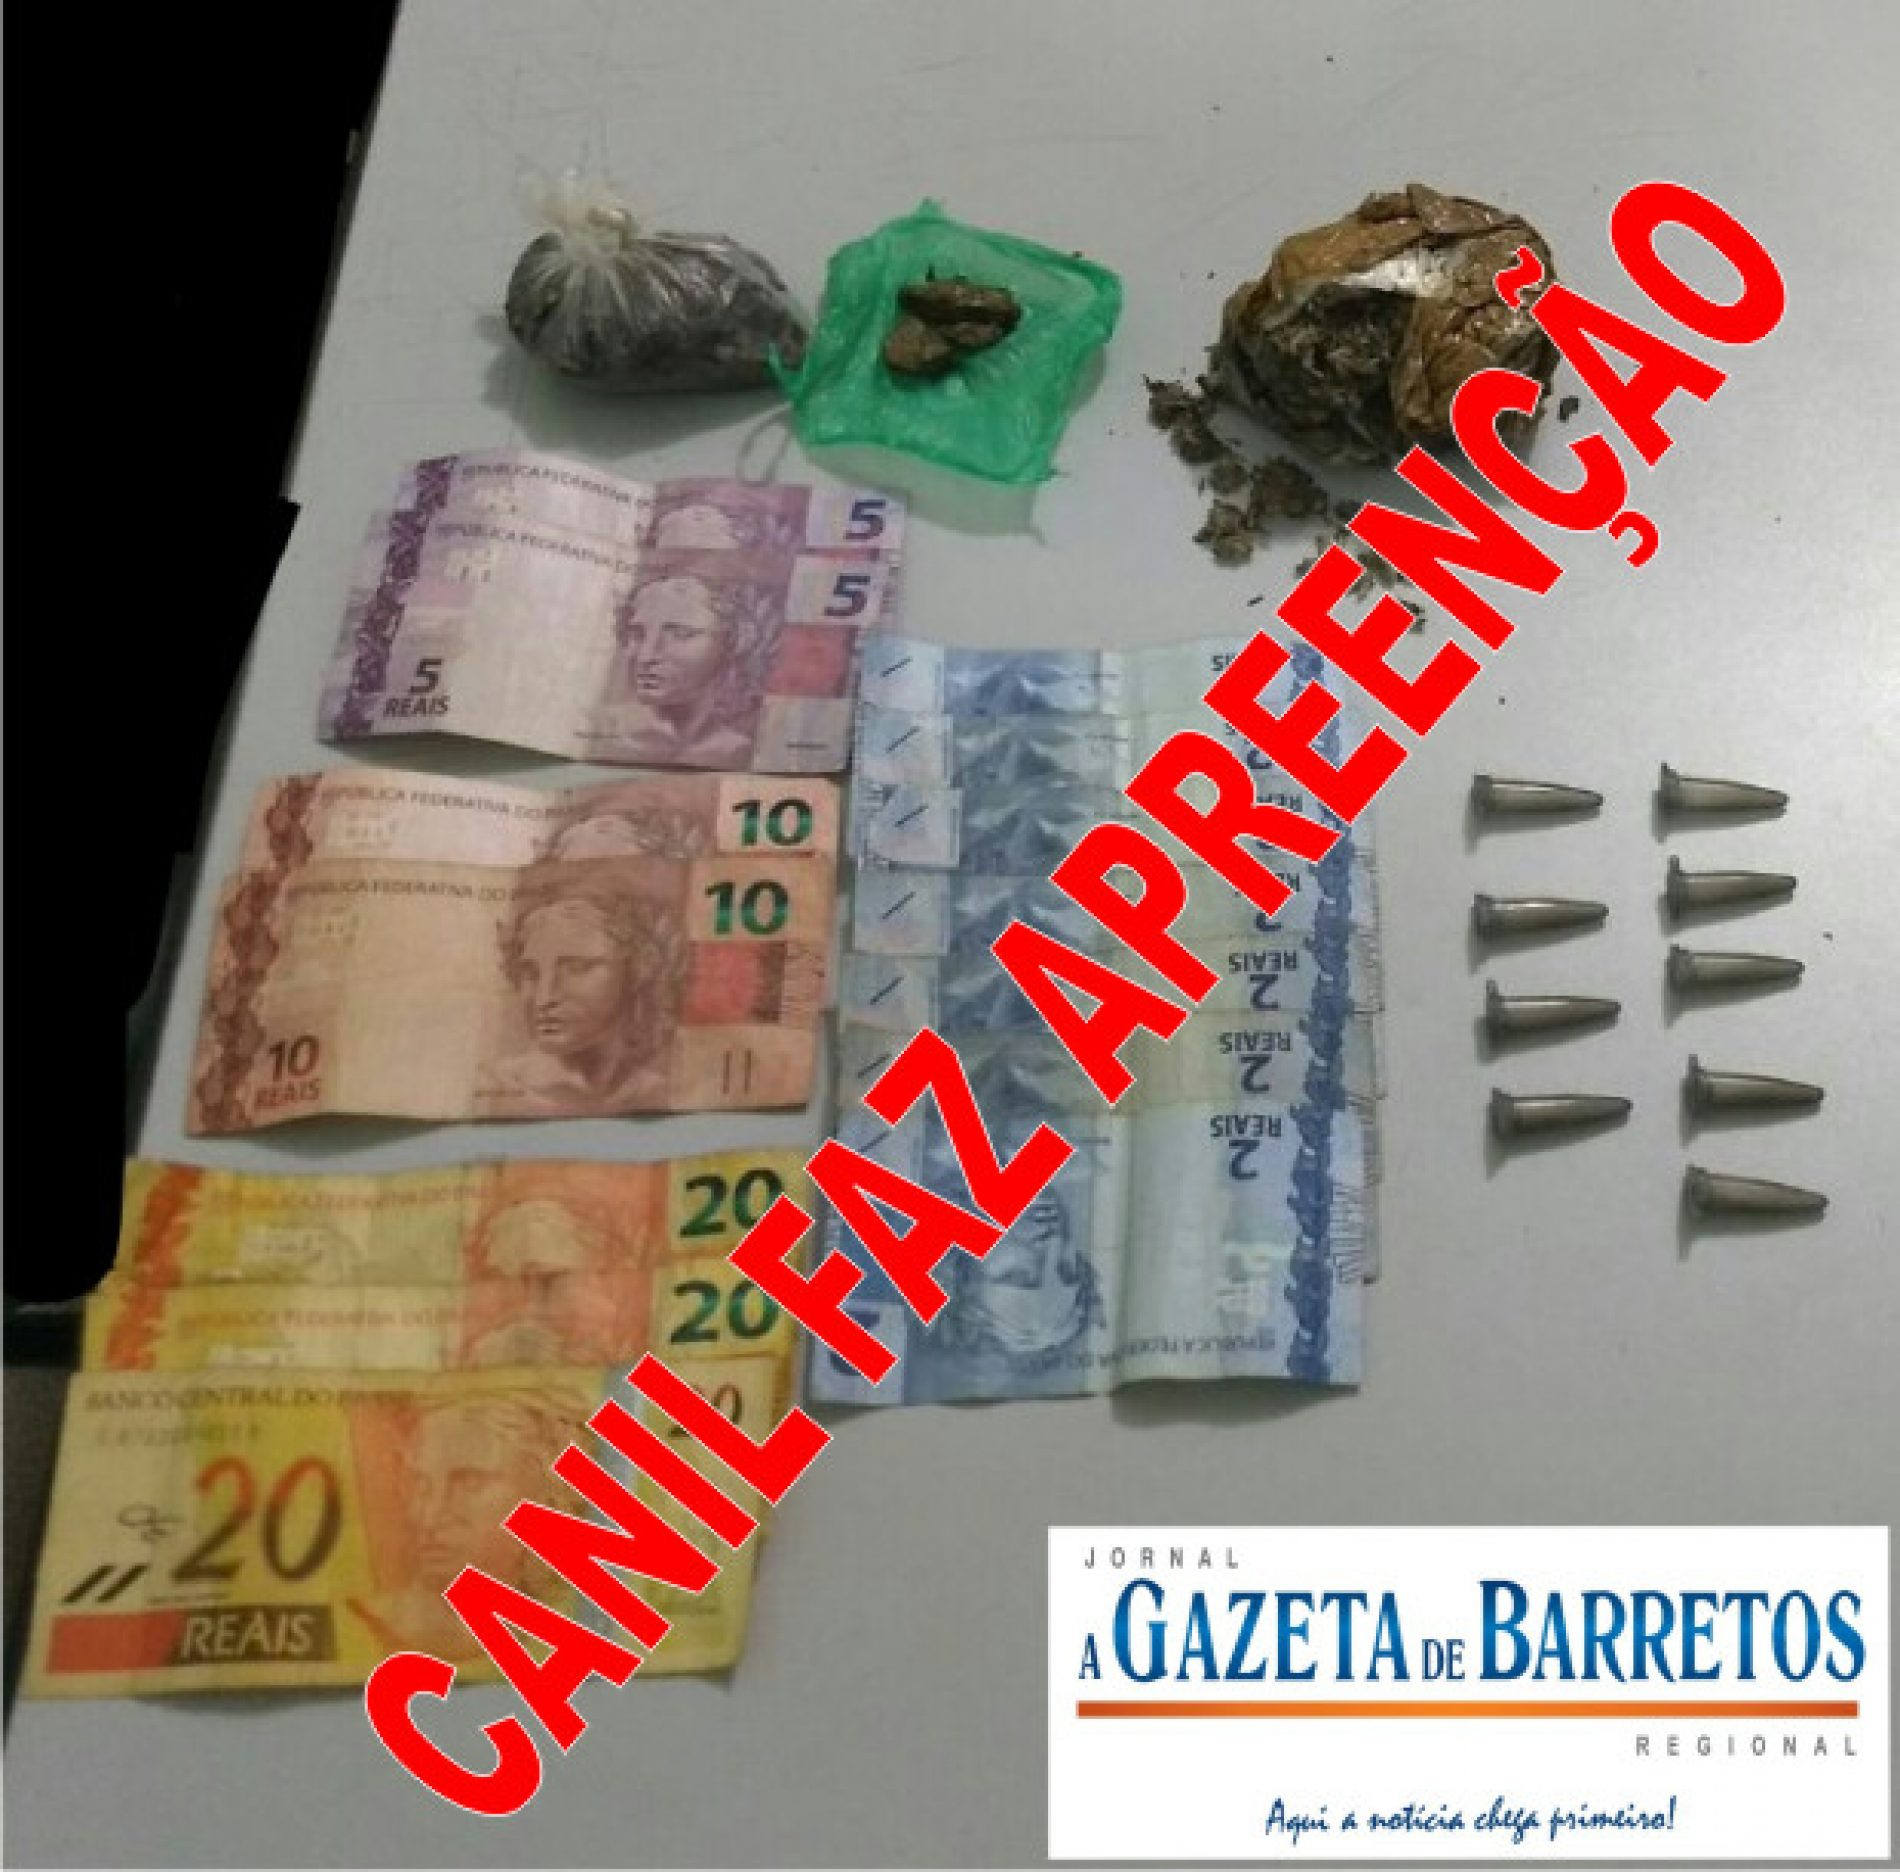 Equipe do Canil prende servente pelo crime de tráfico de drogas no bairro Dom Bosco